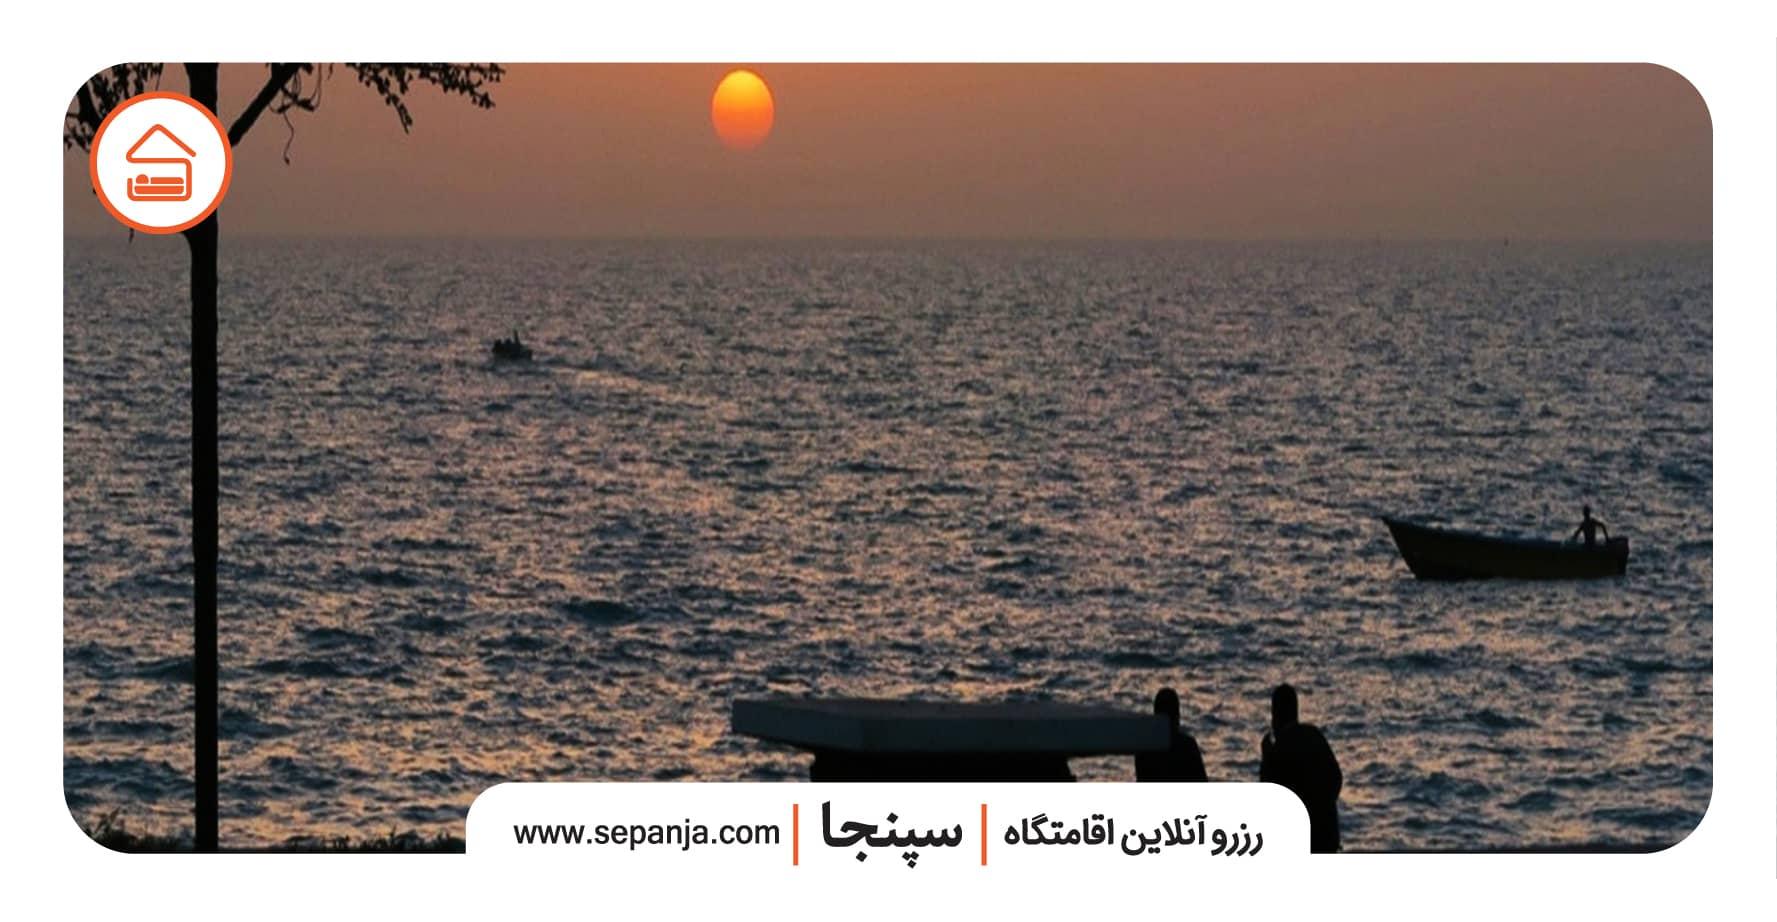 نمایی از ساحل در راهنمای سفر به بوشهر